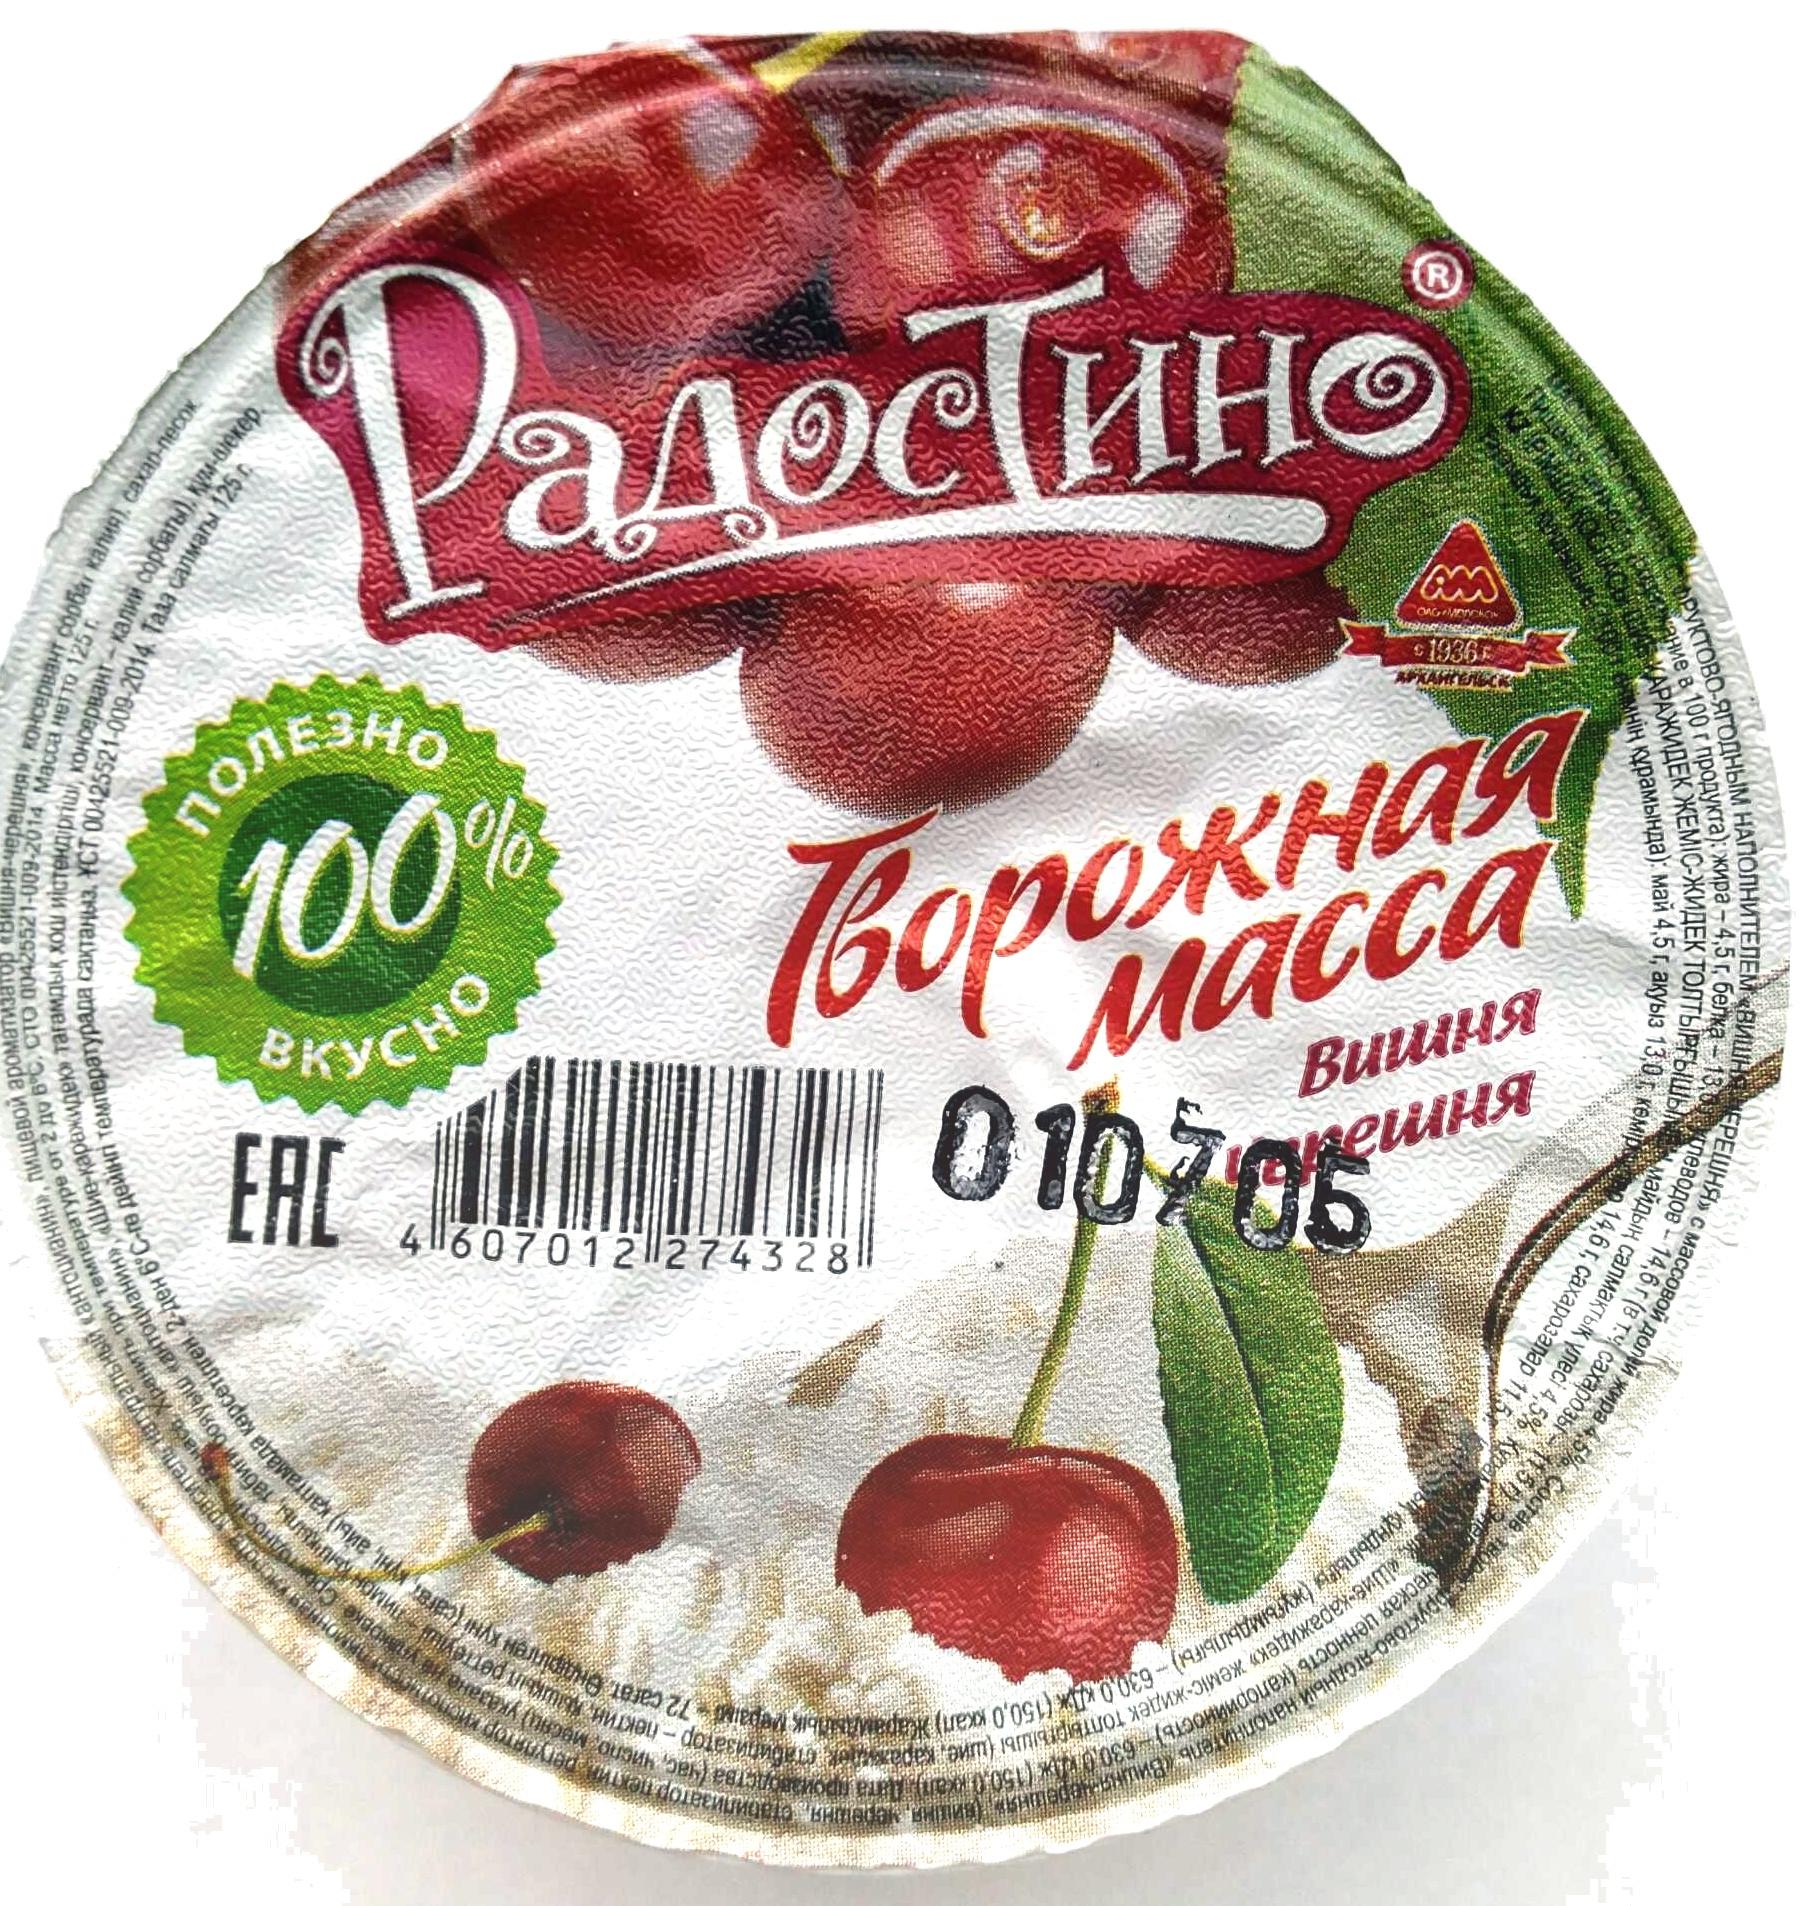 Масса творожная с фруктово-ягодным наполнителем «Вишня-черешня» с массовой долей жира 4,5% - Produkt